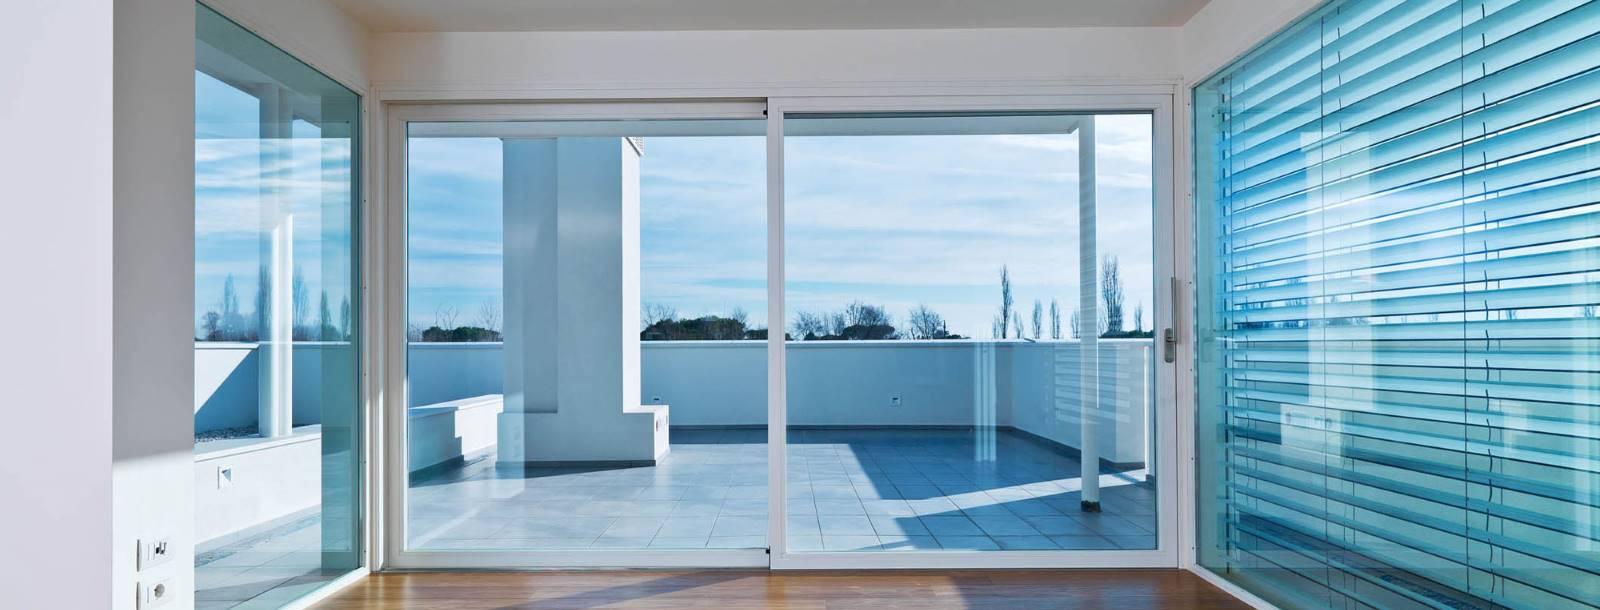 Vendita finestre infissi e serramenti a bologna melotti g - Finestre sicurezza ...